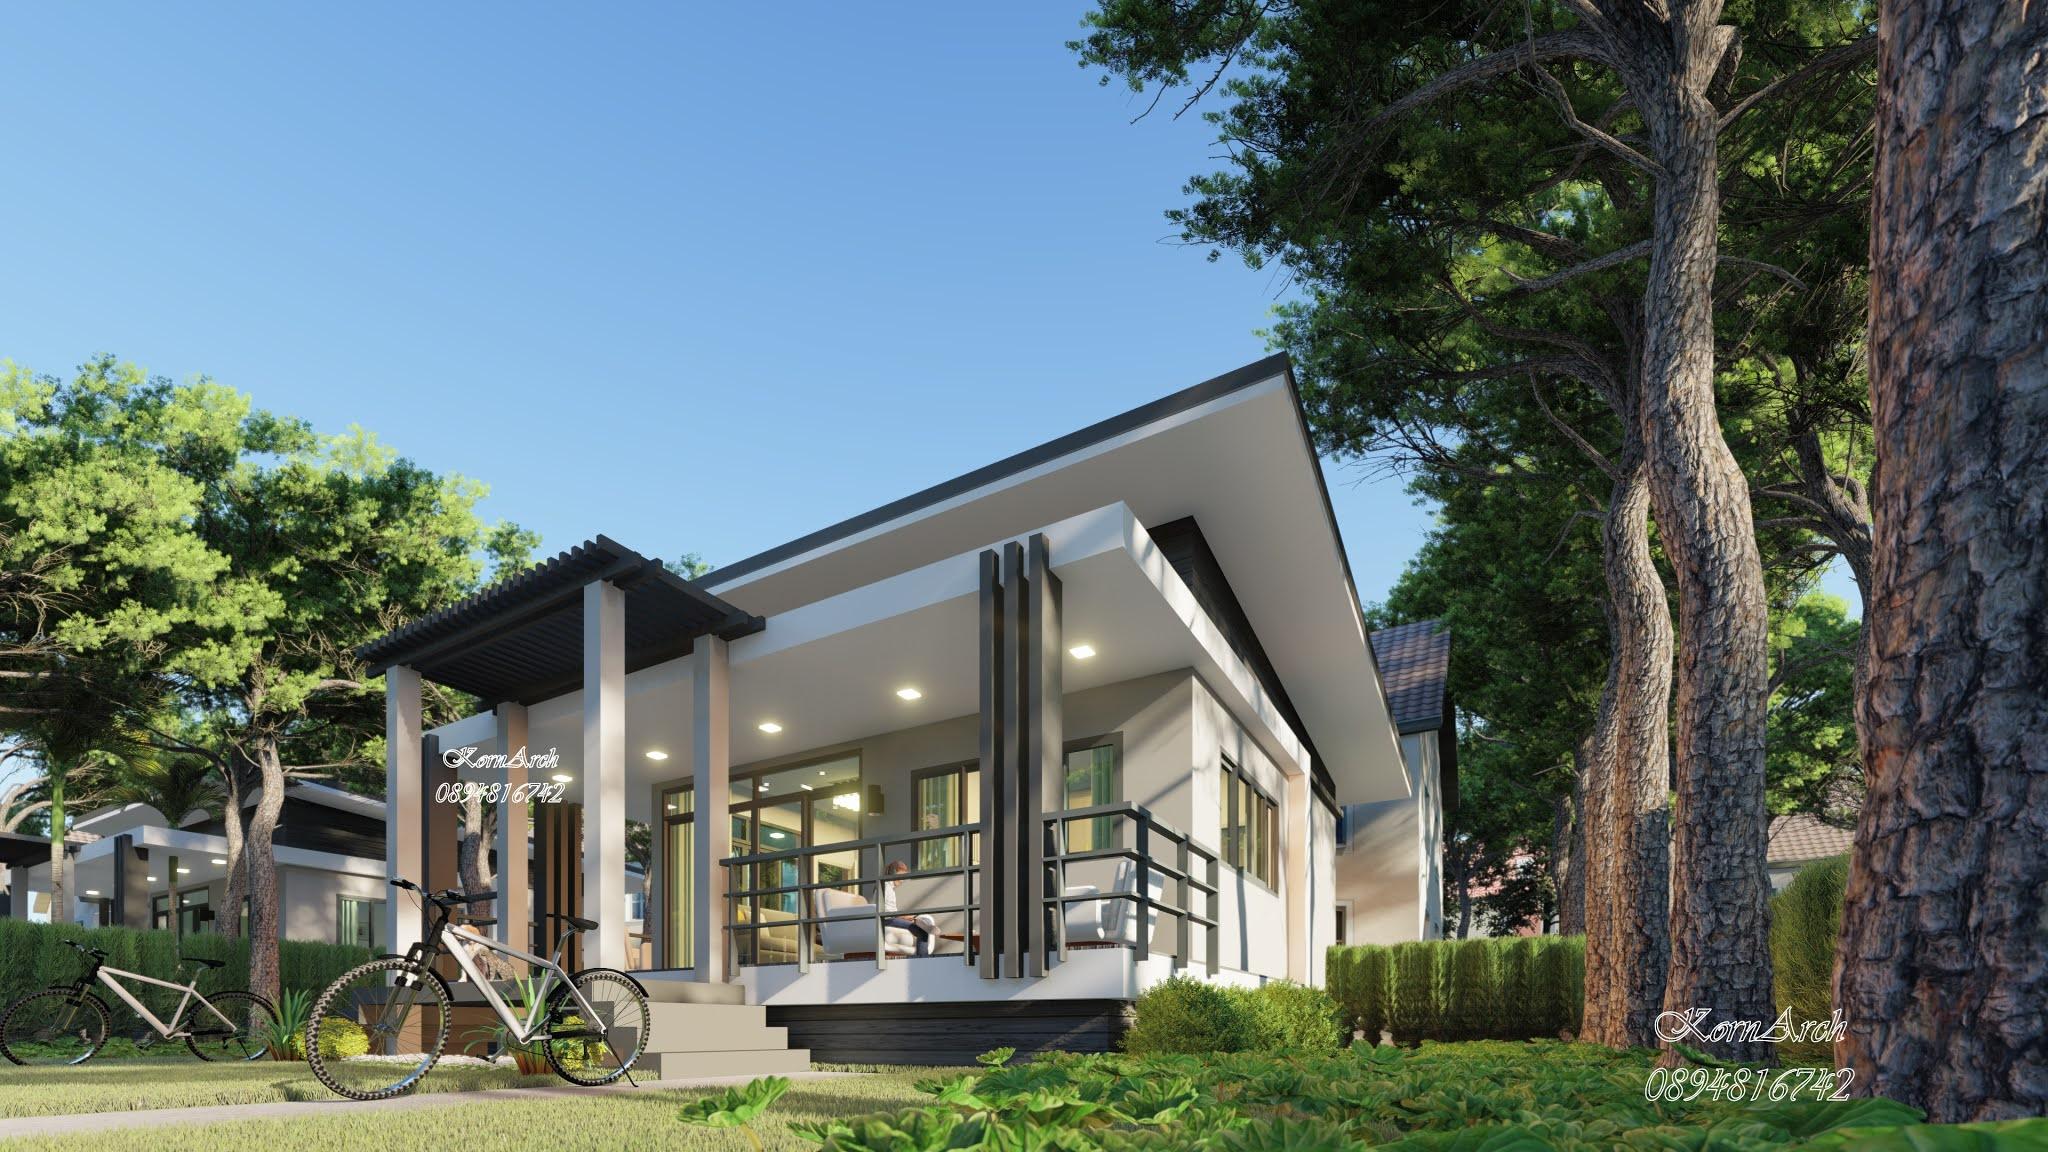 รับออกแบบบ้านพักตากอากาศ  เจ้าของอาคารคุณกนกกานต์ สิงห์คะ  สถานที่ก่อสร้าง ต.สะพานไม้แก่น อ.จะนะ จ.สงขลา